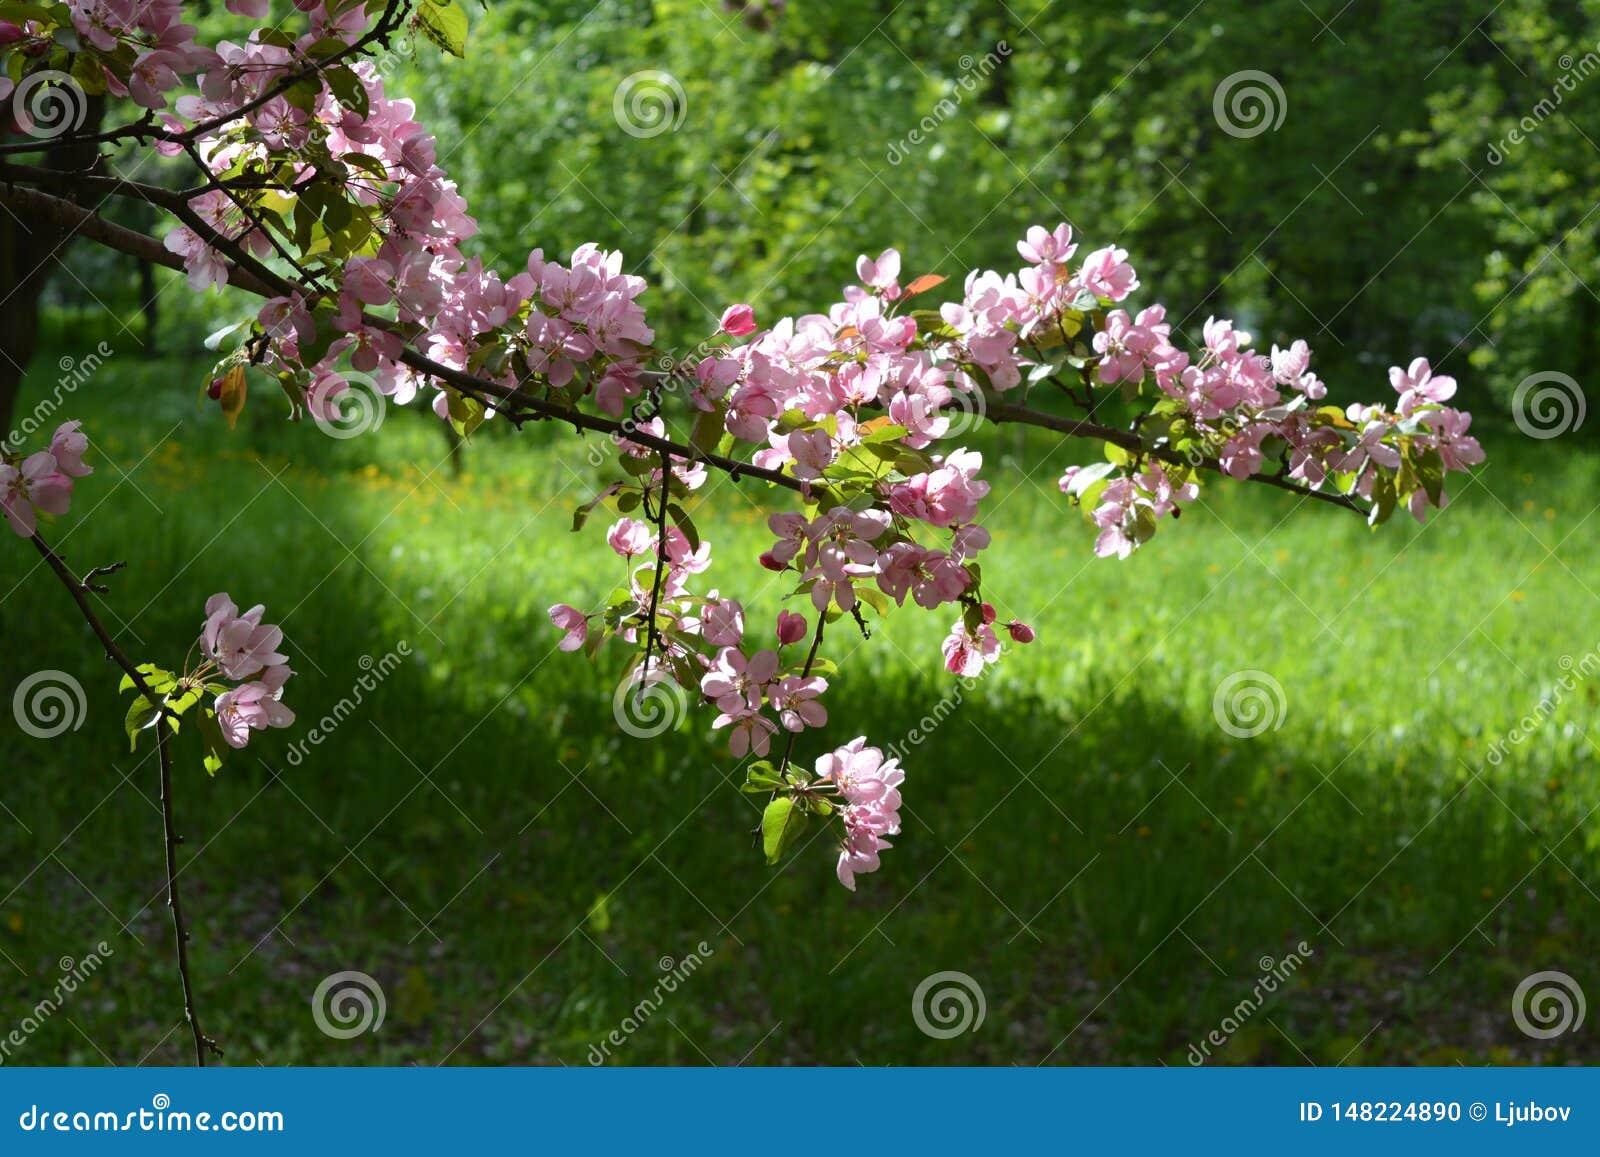 Blomma fj?dertree f?r ?pple Malus Niedzwetzkyana Filial med rosa blommor på bakgrunden av grönt gräs